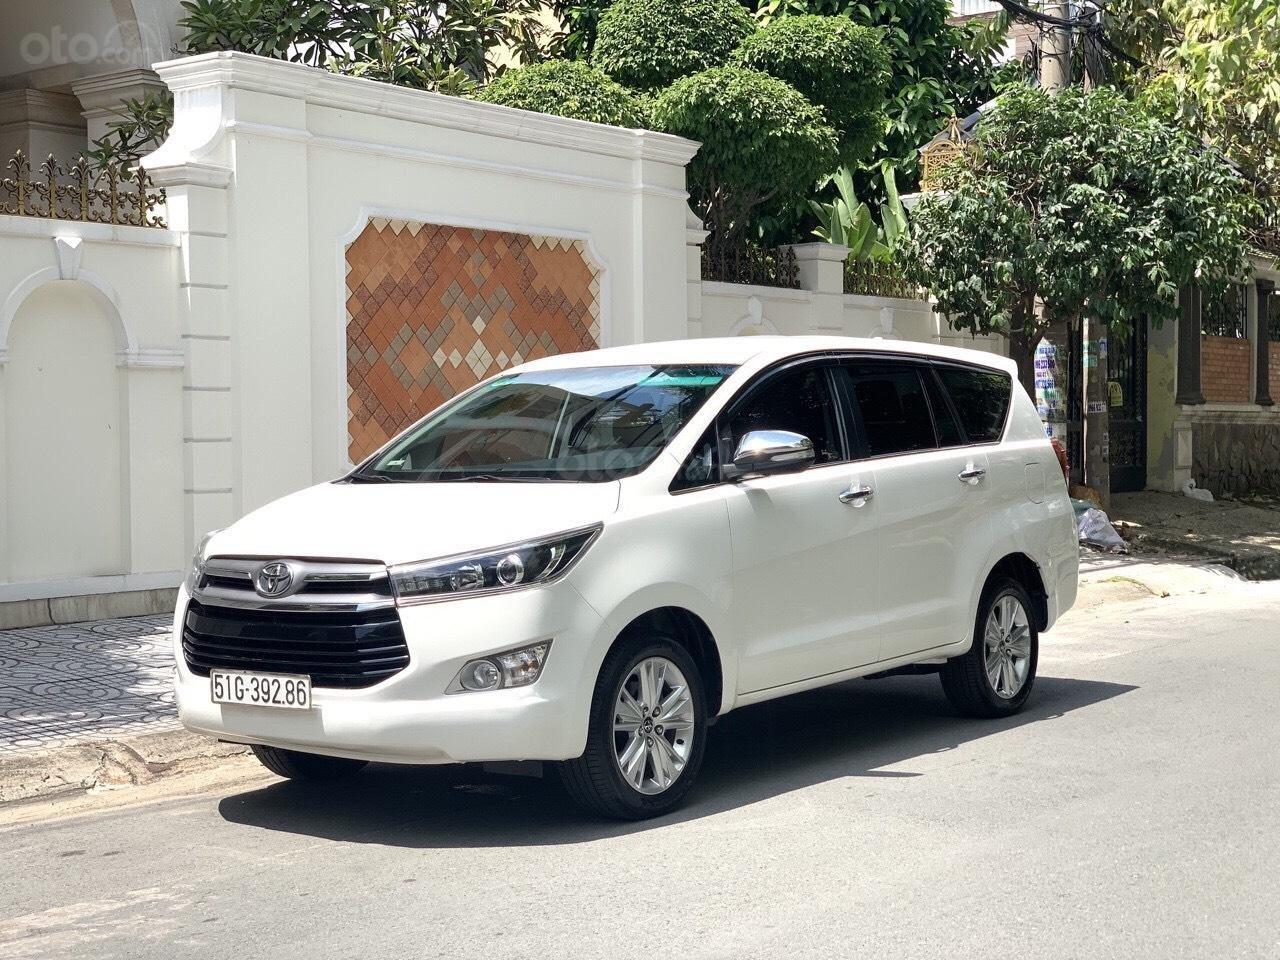 Bán Innova 2.0V sản xuất 2017, xe đẹp đi đúng 30.000km, bao kiểm tra tại hãng Toyota (3)